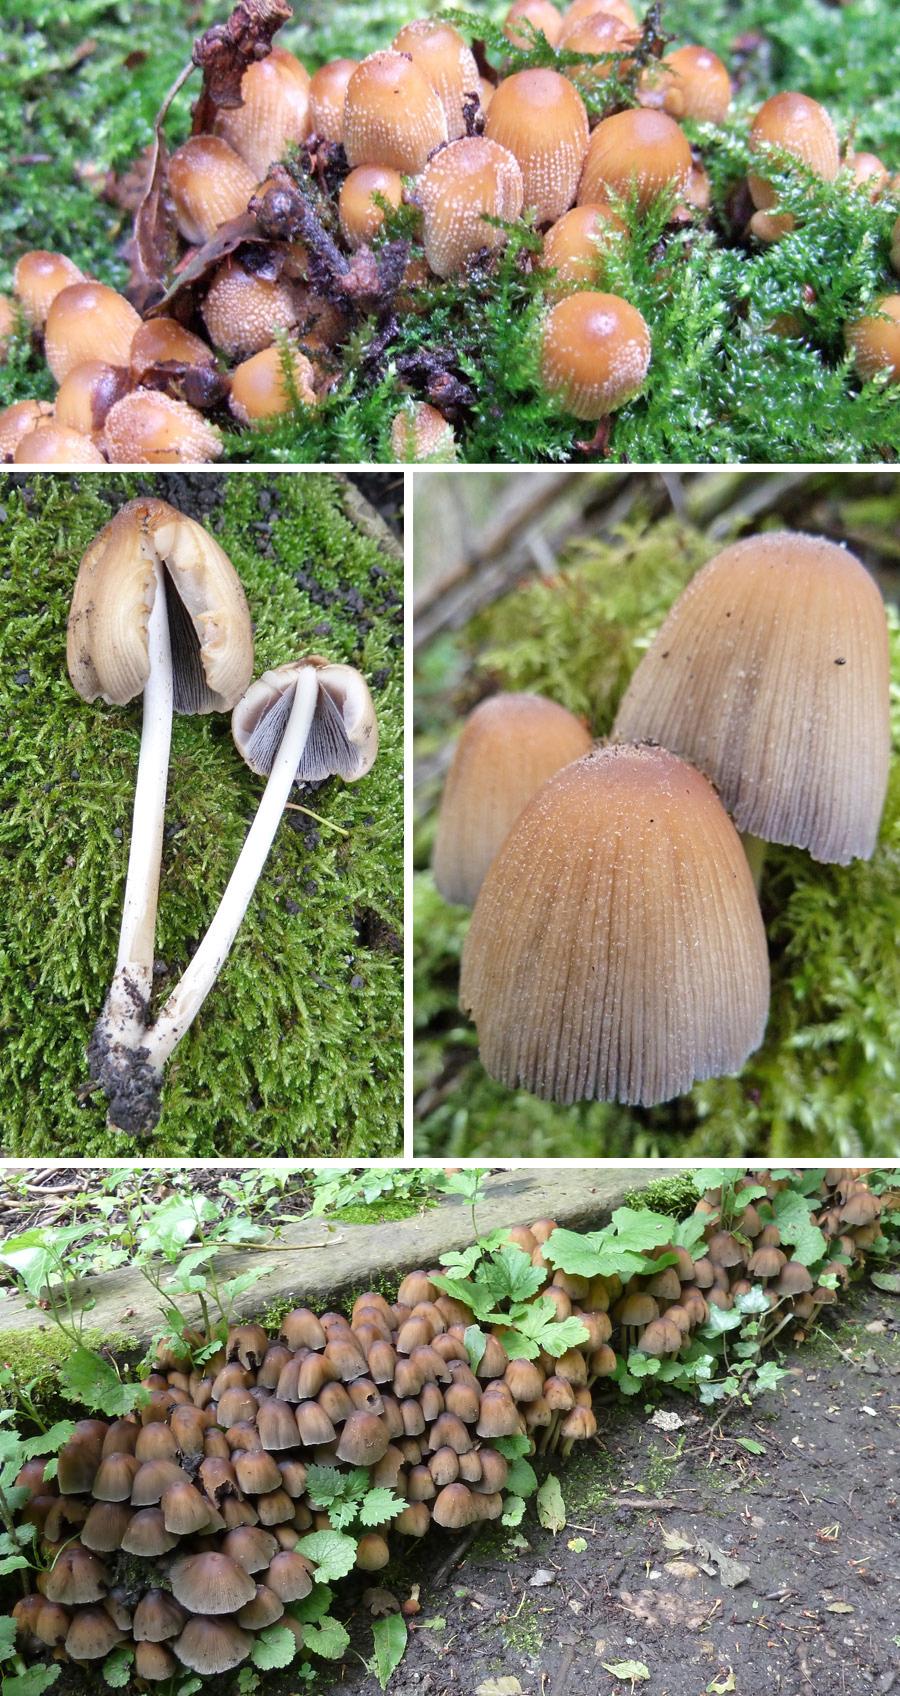 Glistening Inkcap(Coprinellus micaceus)